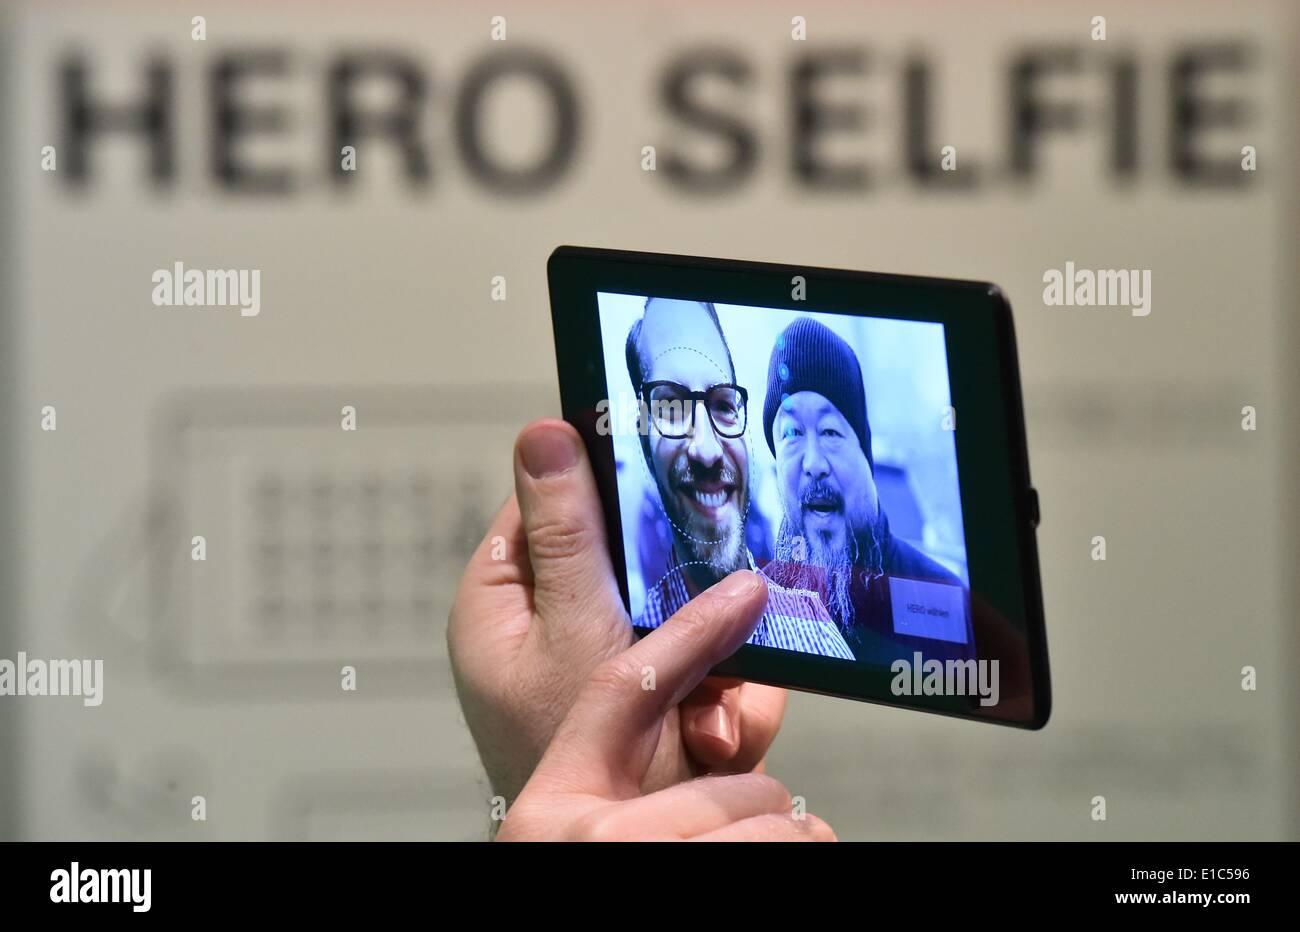 Neuhardenberg, Allemagne. 30 mai, 2014. Le co-créateur de l'exposition Boris Hars-Tschachotin est représenté à l'installation 'Hero' Selfies sur l'écran d'une tablette à côté de la photo de l'artiste Ai Weiwei en vue Neuhardenberg, Allemagne, 30 mai 2014. L'exposition 'Remebering le heros - 200 ans Neuhardenberg' (lit.) s'ouvre le 01 juin 2014. Photo: Patrick Pleul/dpa/Alamy Live News Photo Stock